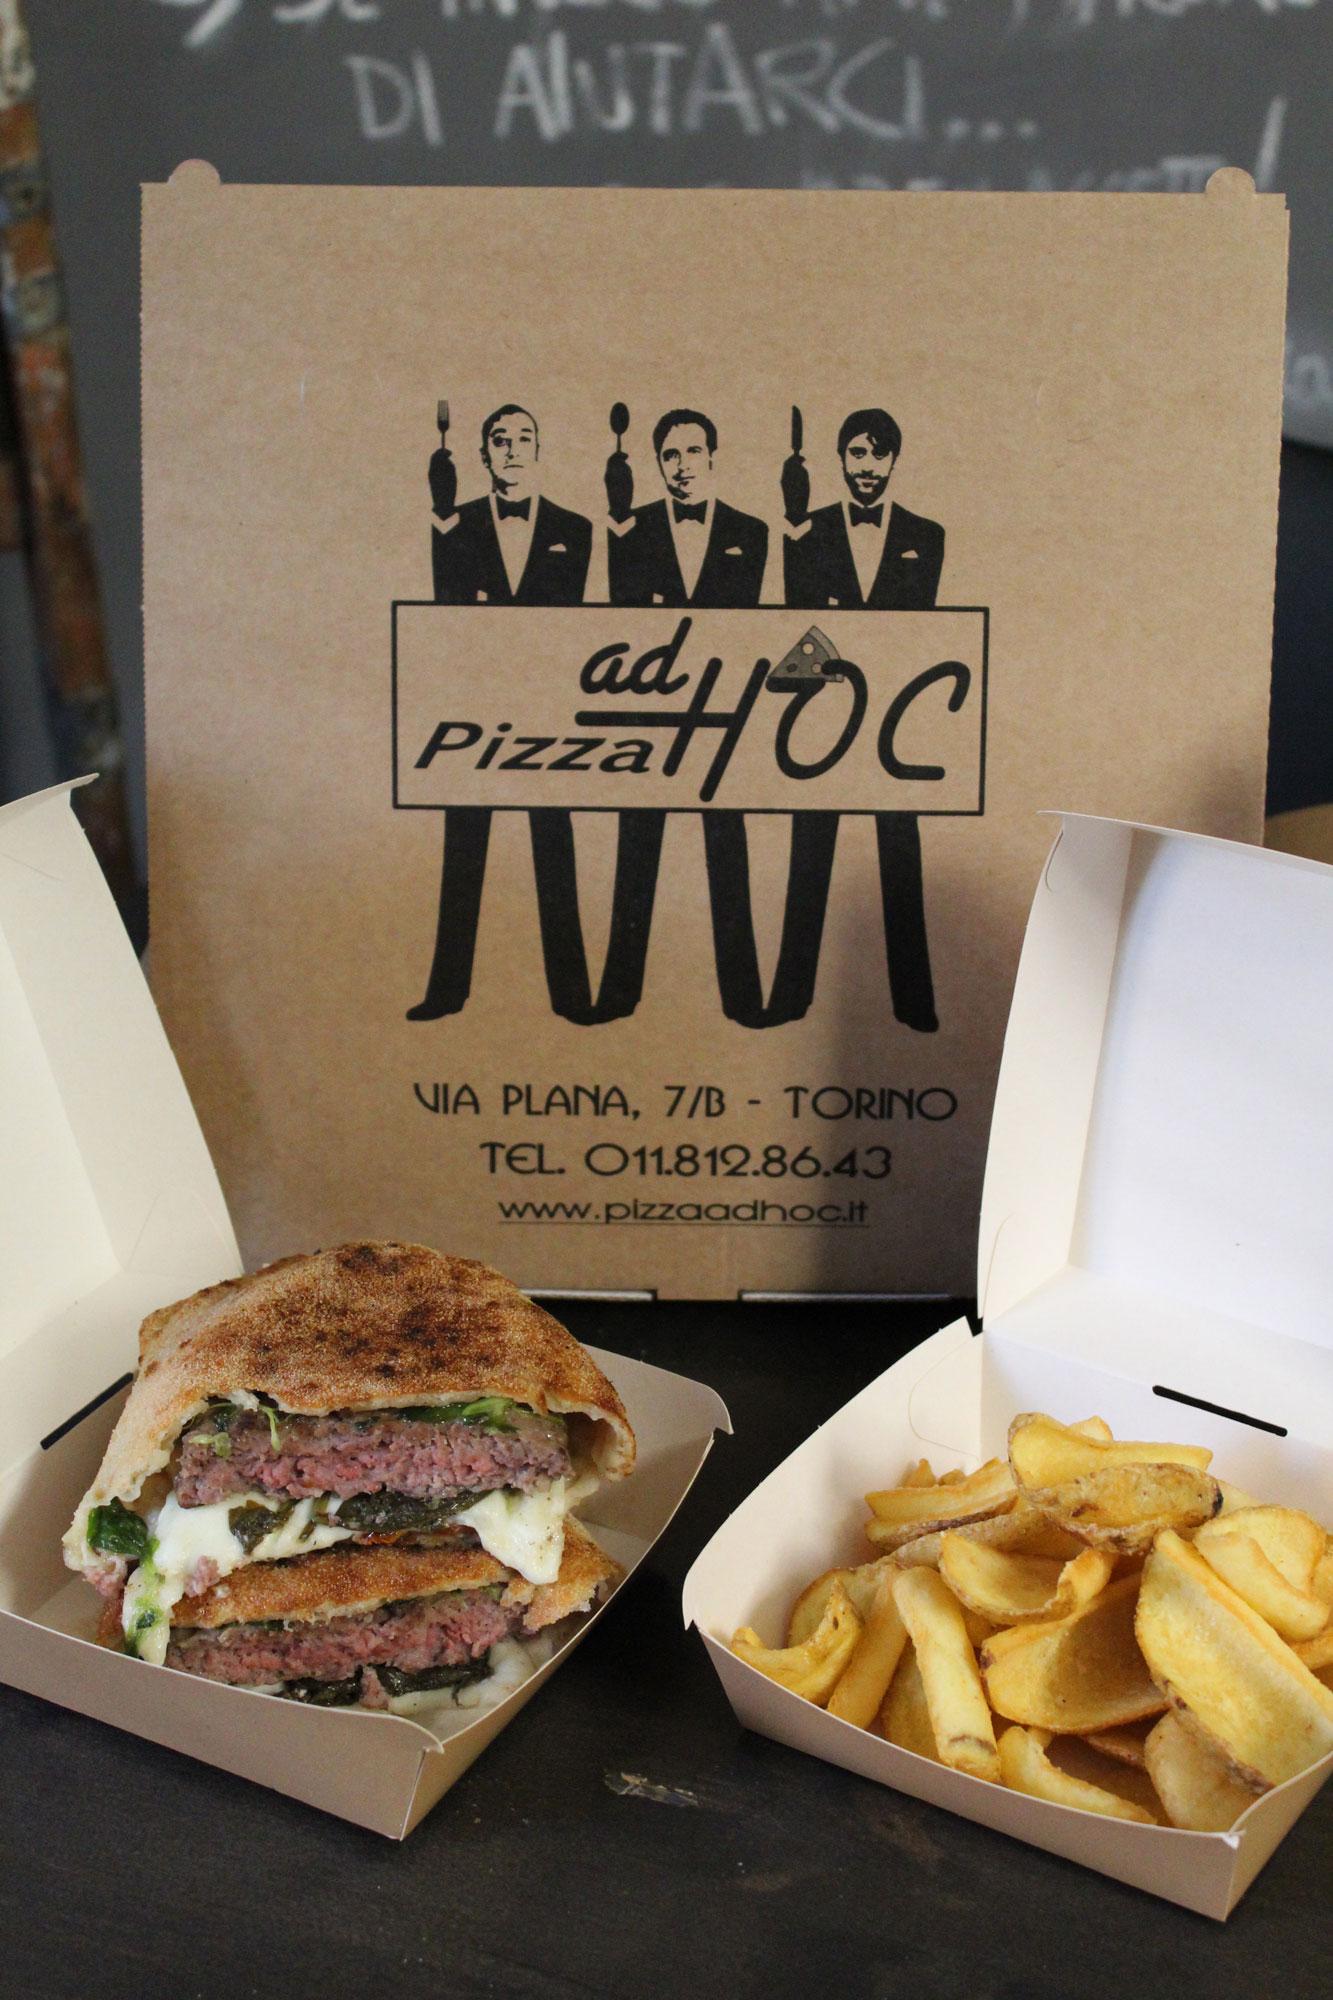 Ciapalon Pizzaburger di Pizza Ad Hoc Torino